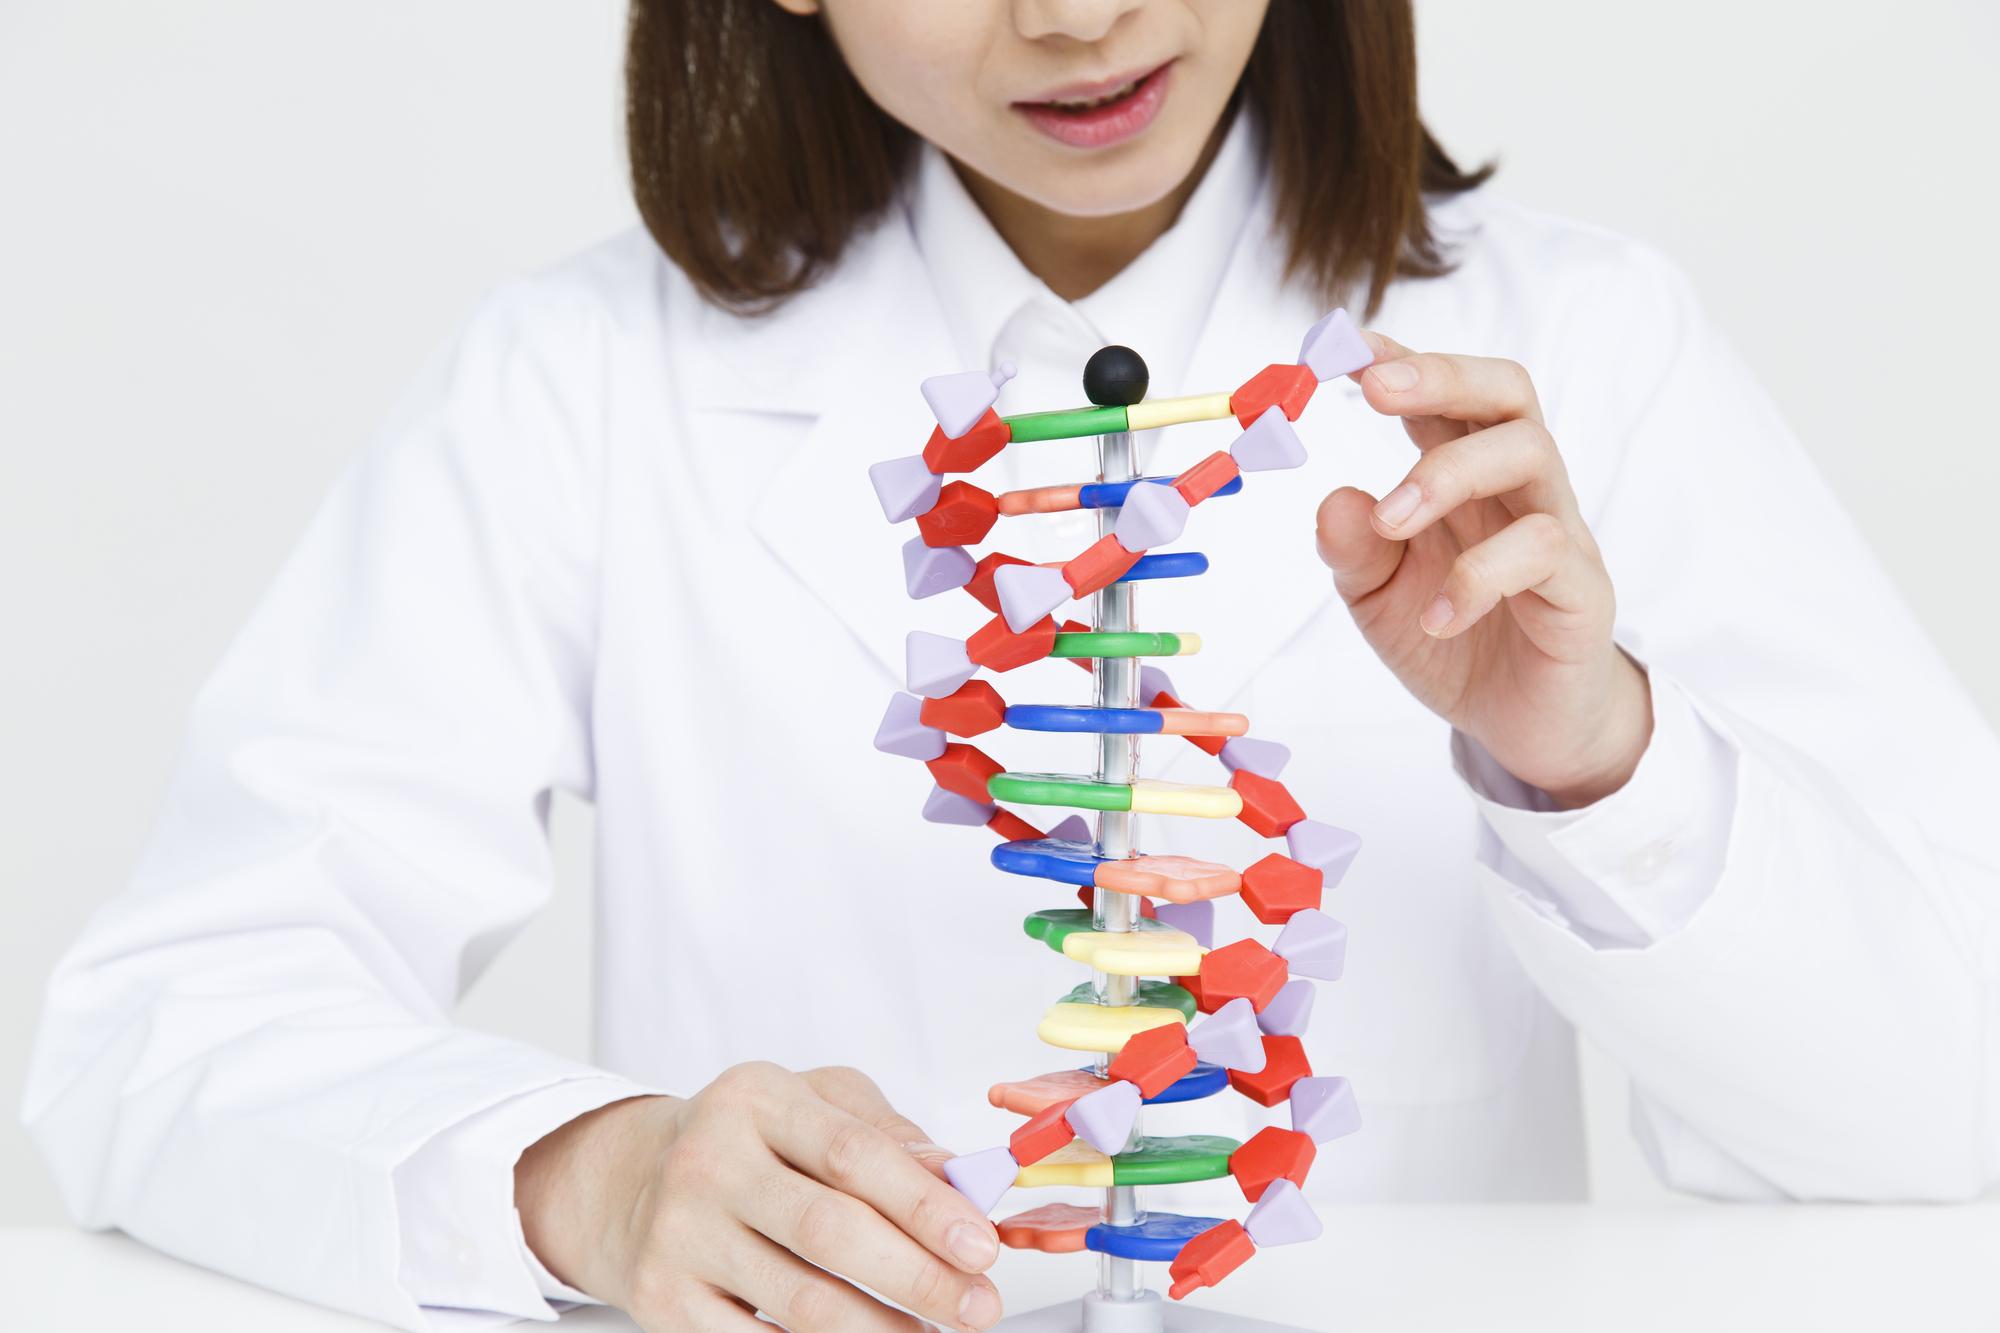 良性腫瘍ががん化するメカニズムを解明、新たな治療法の開発へ